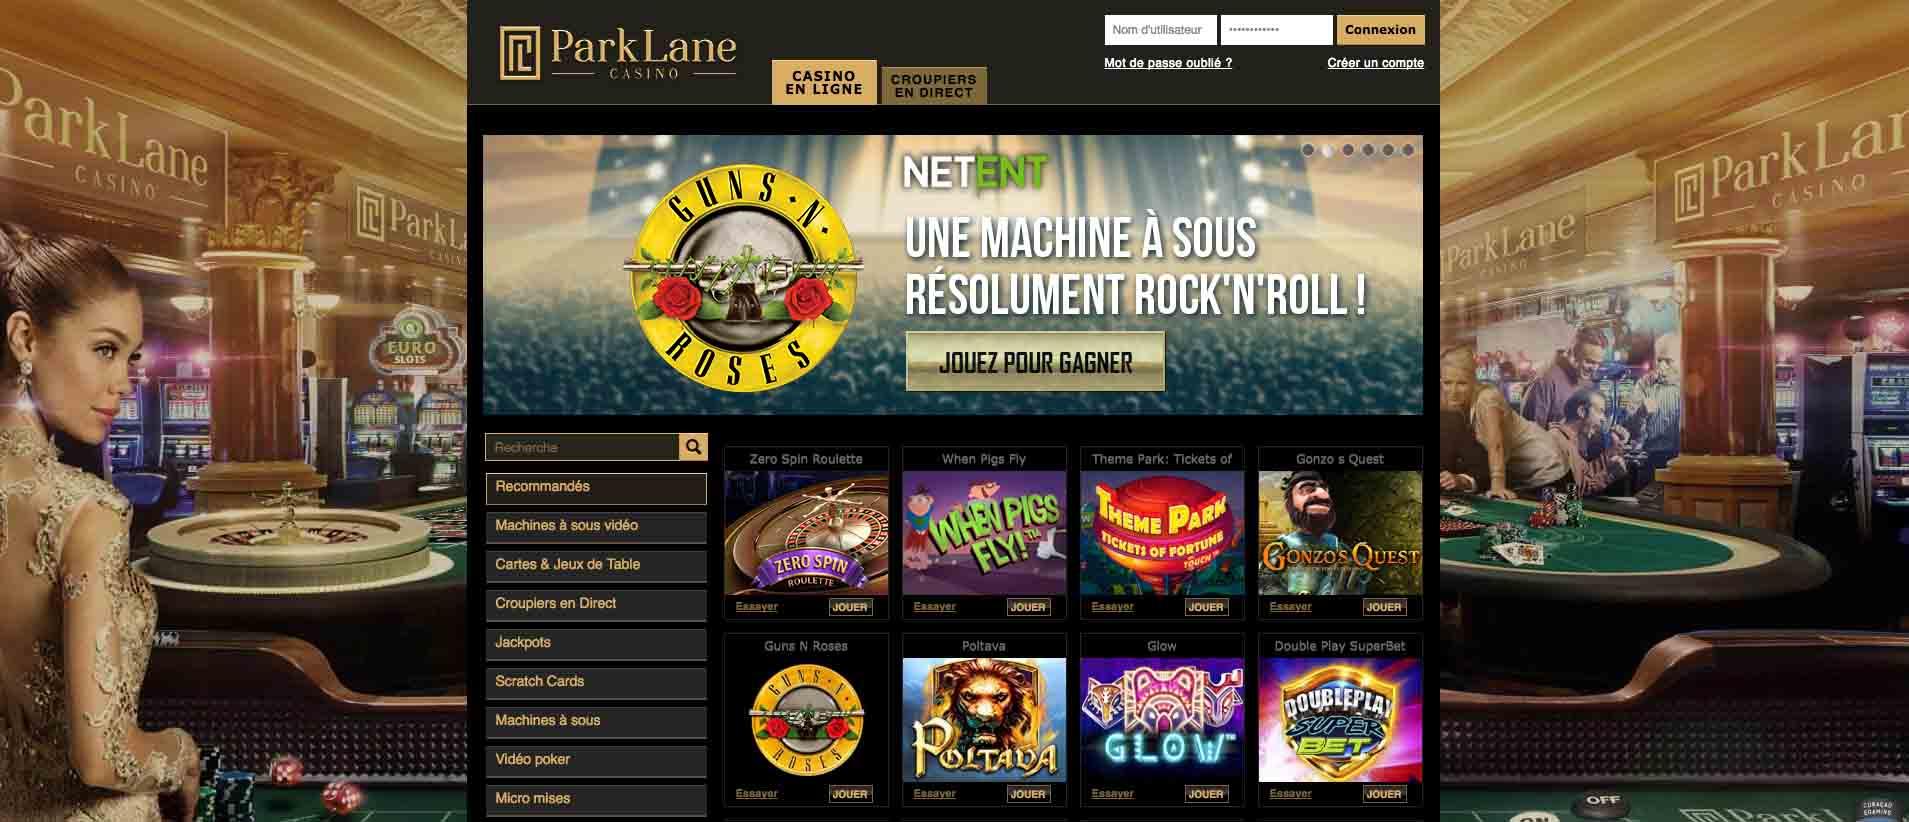 ou-trouver-les-meilleurs-casinos-en-ligne-parklane-casino